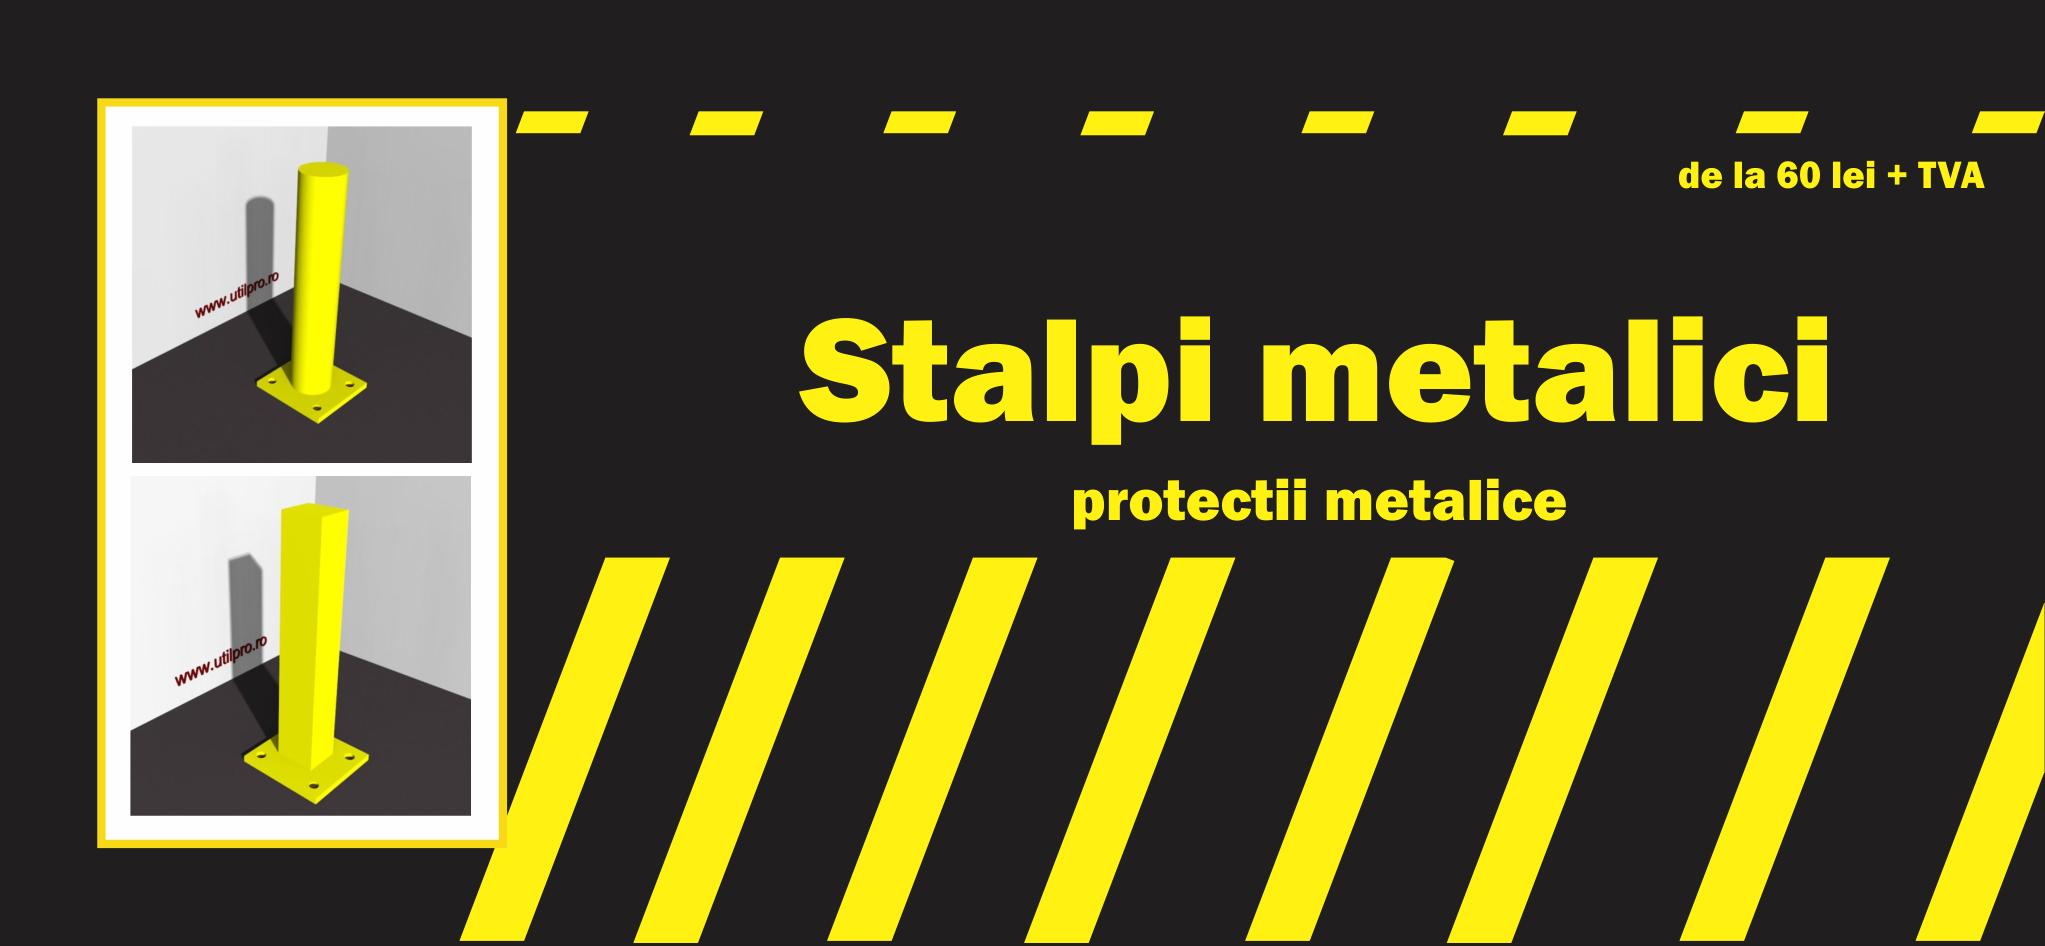 Stalpi metalici